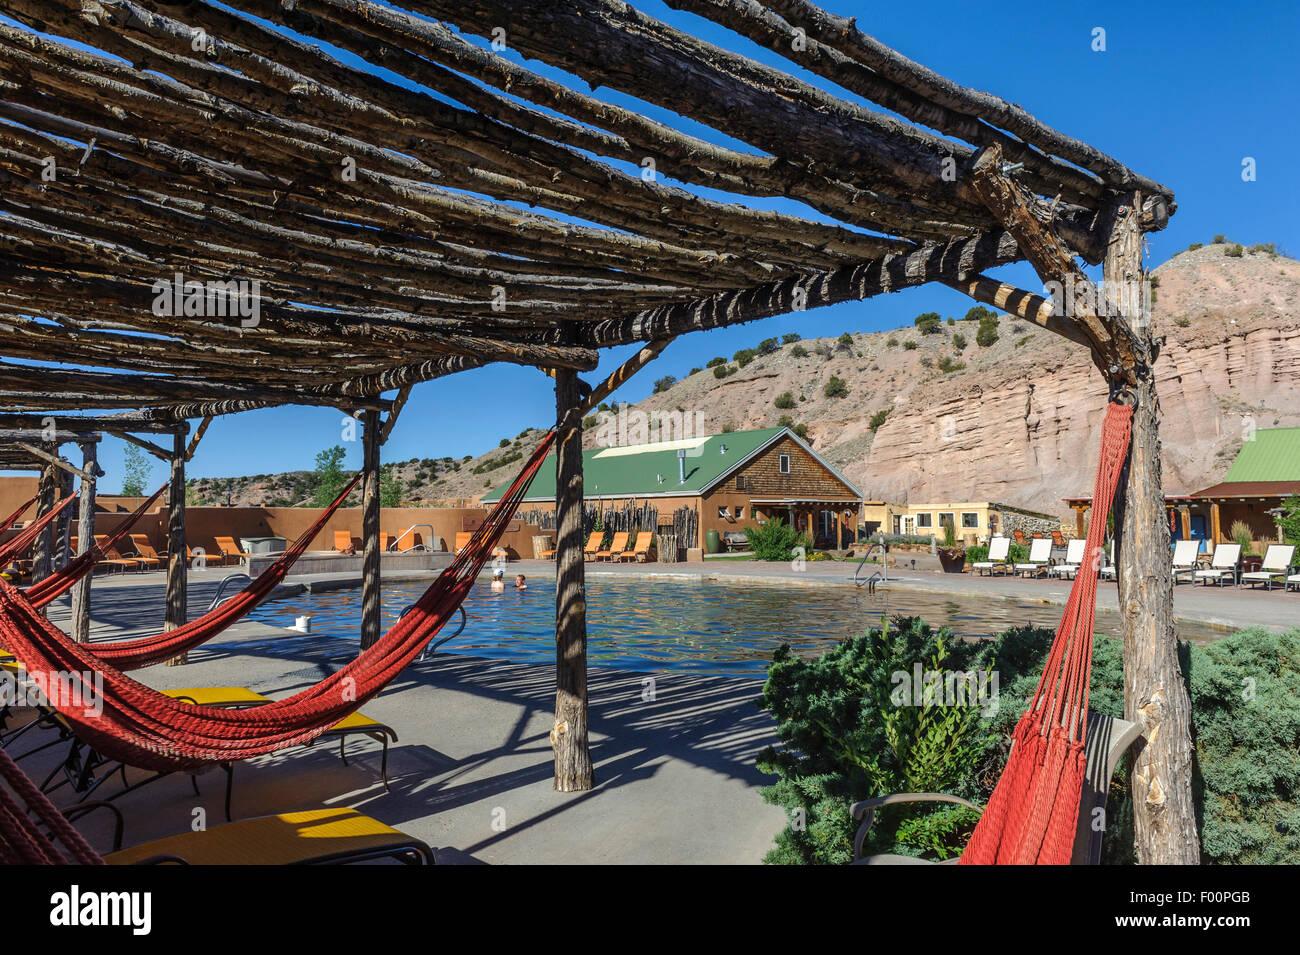 Ojo Caliente Mineral Springs Resort Spa Ojo Caliente